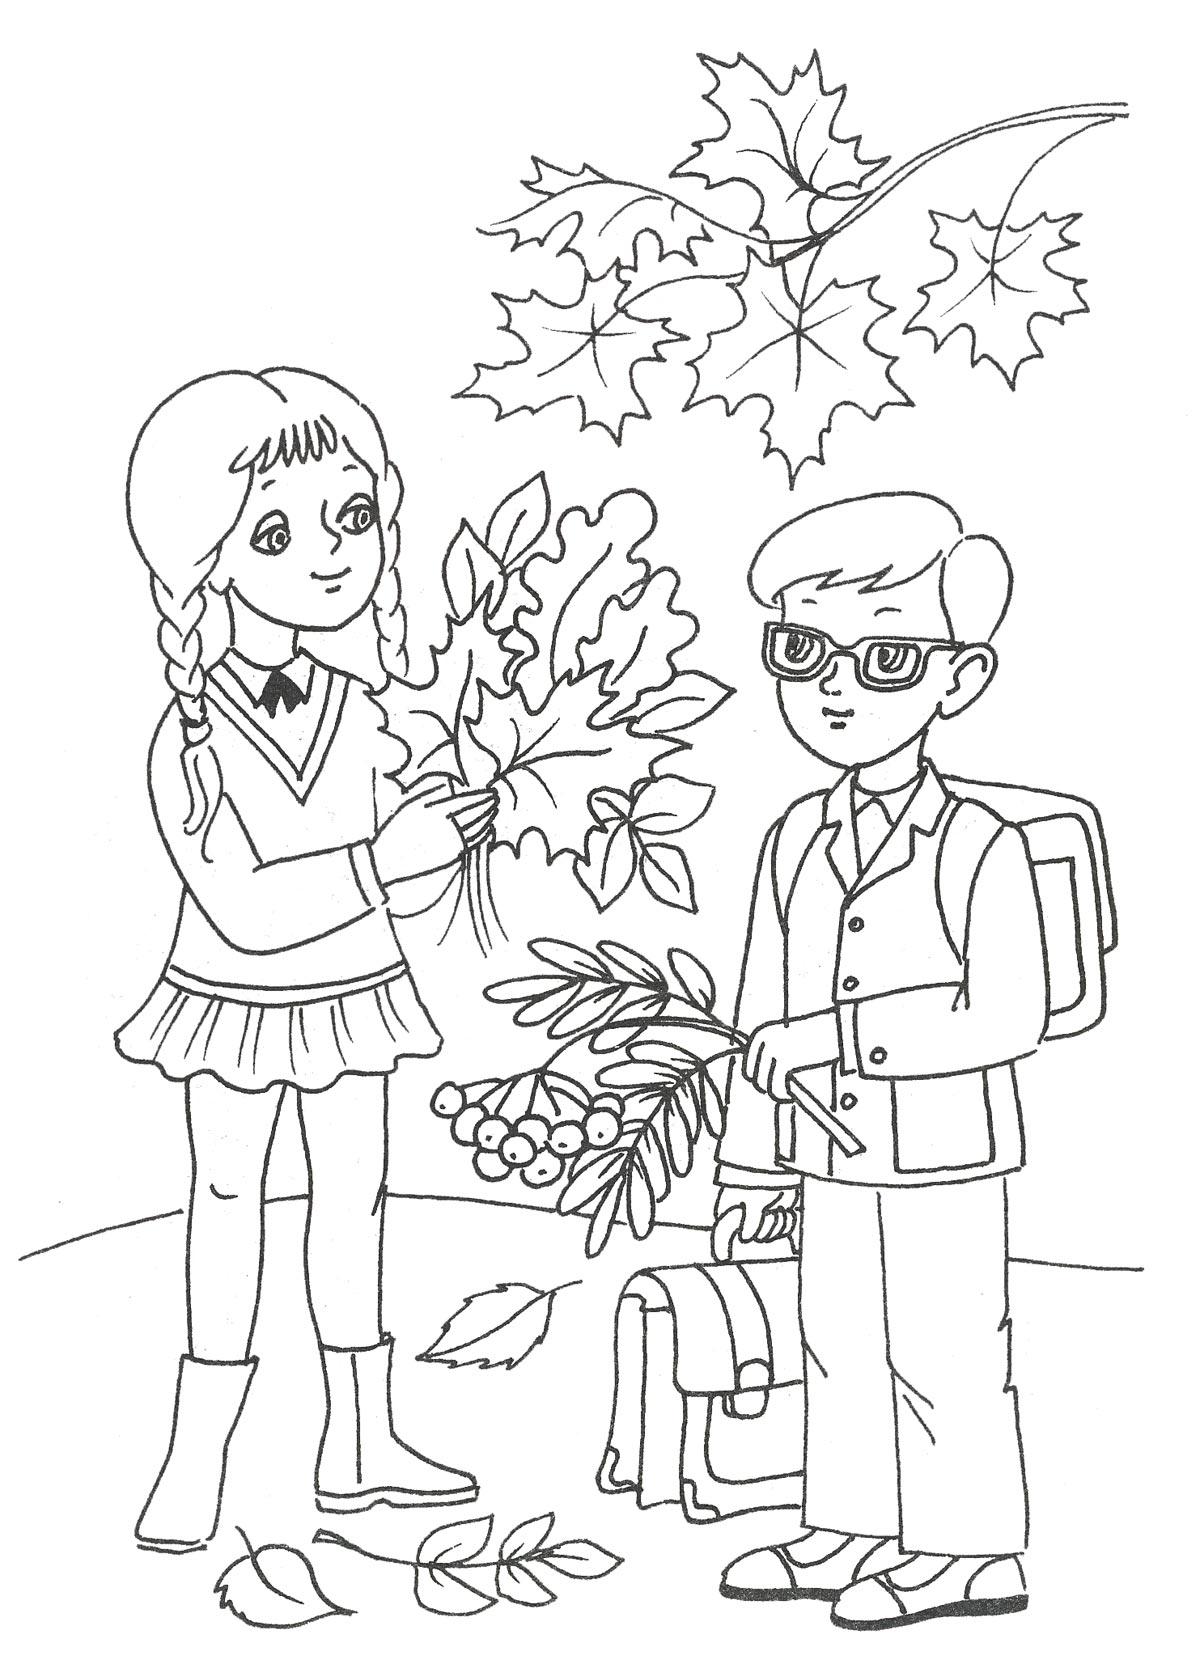 Дети собирают гербарий - раскраска №8731 | Printonic.ru